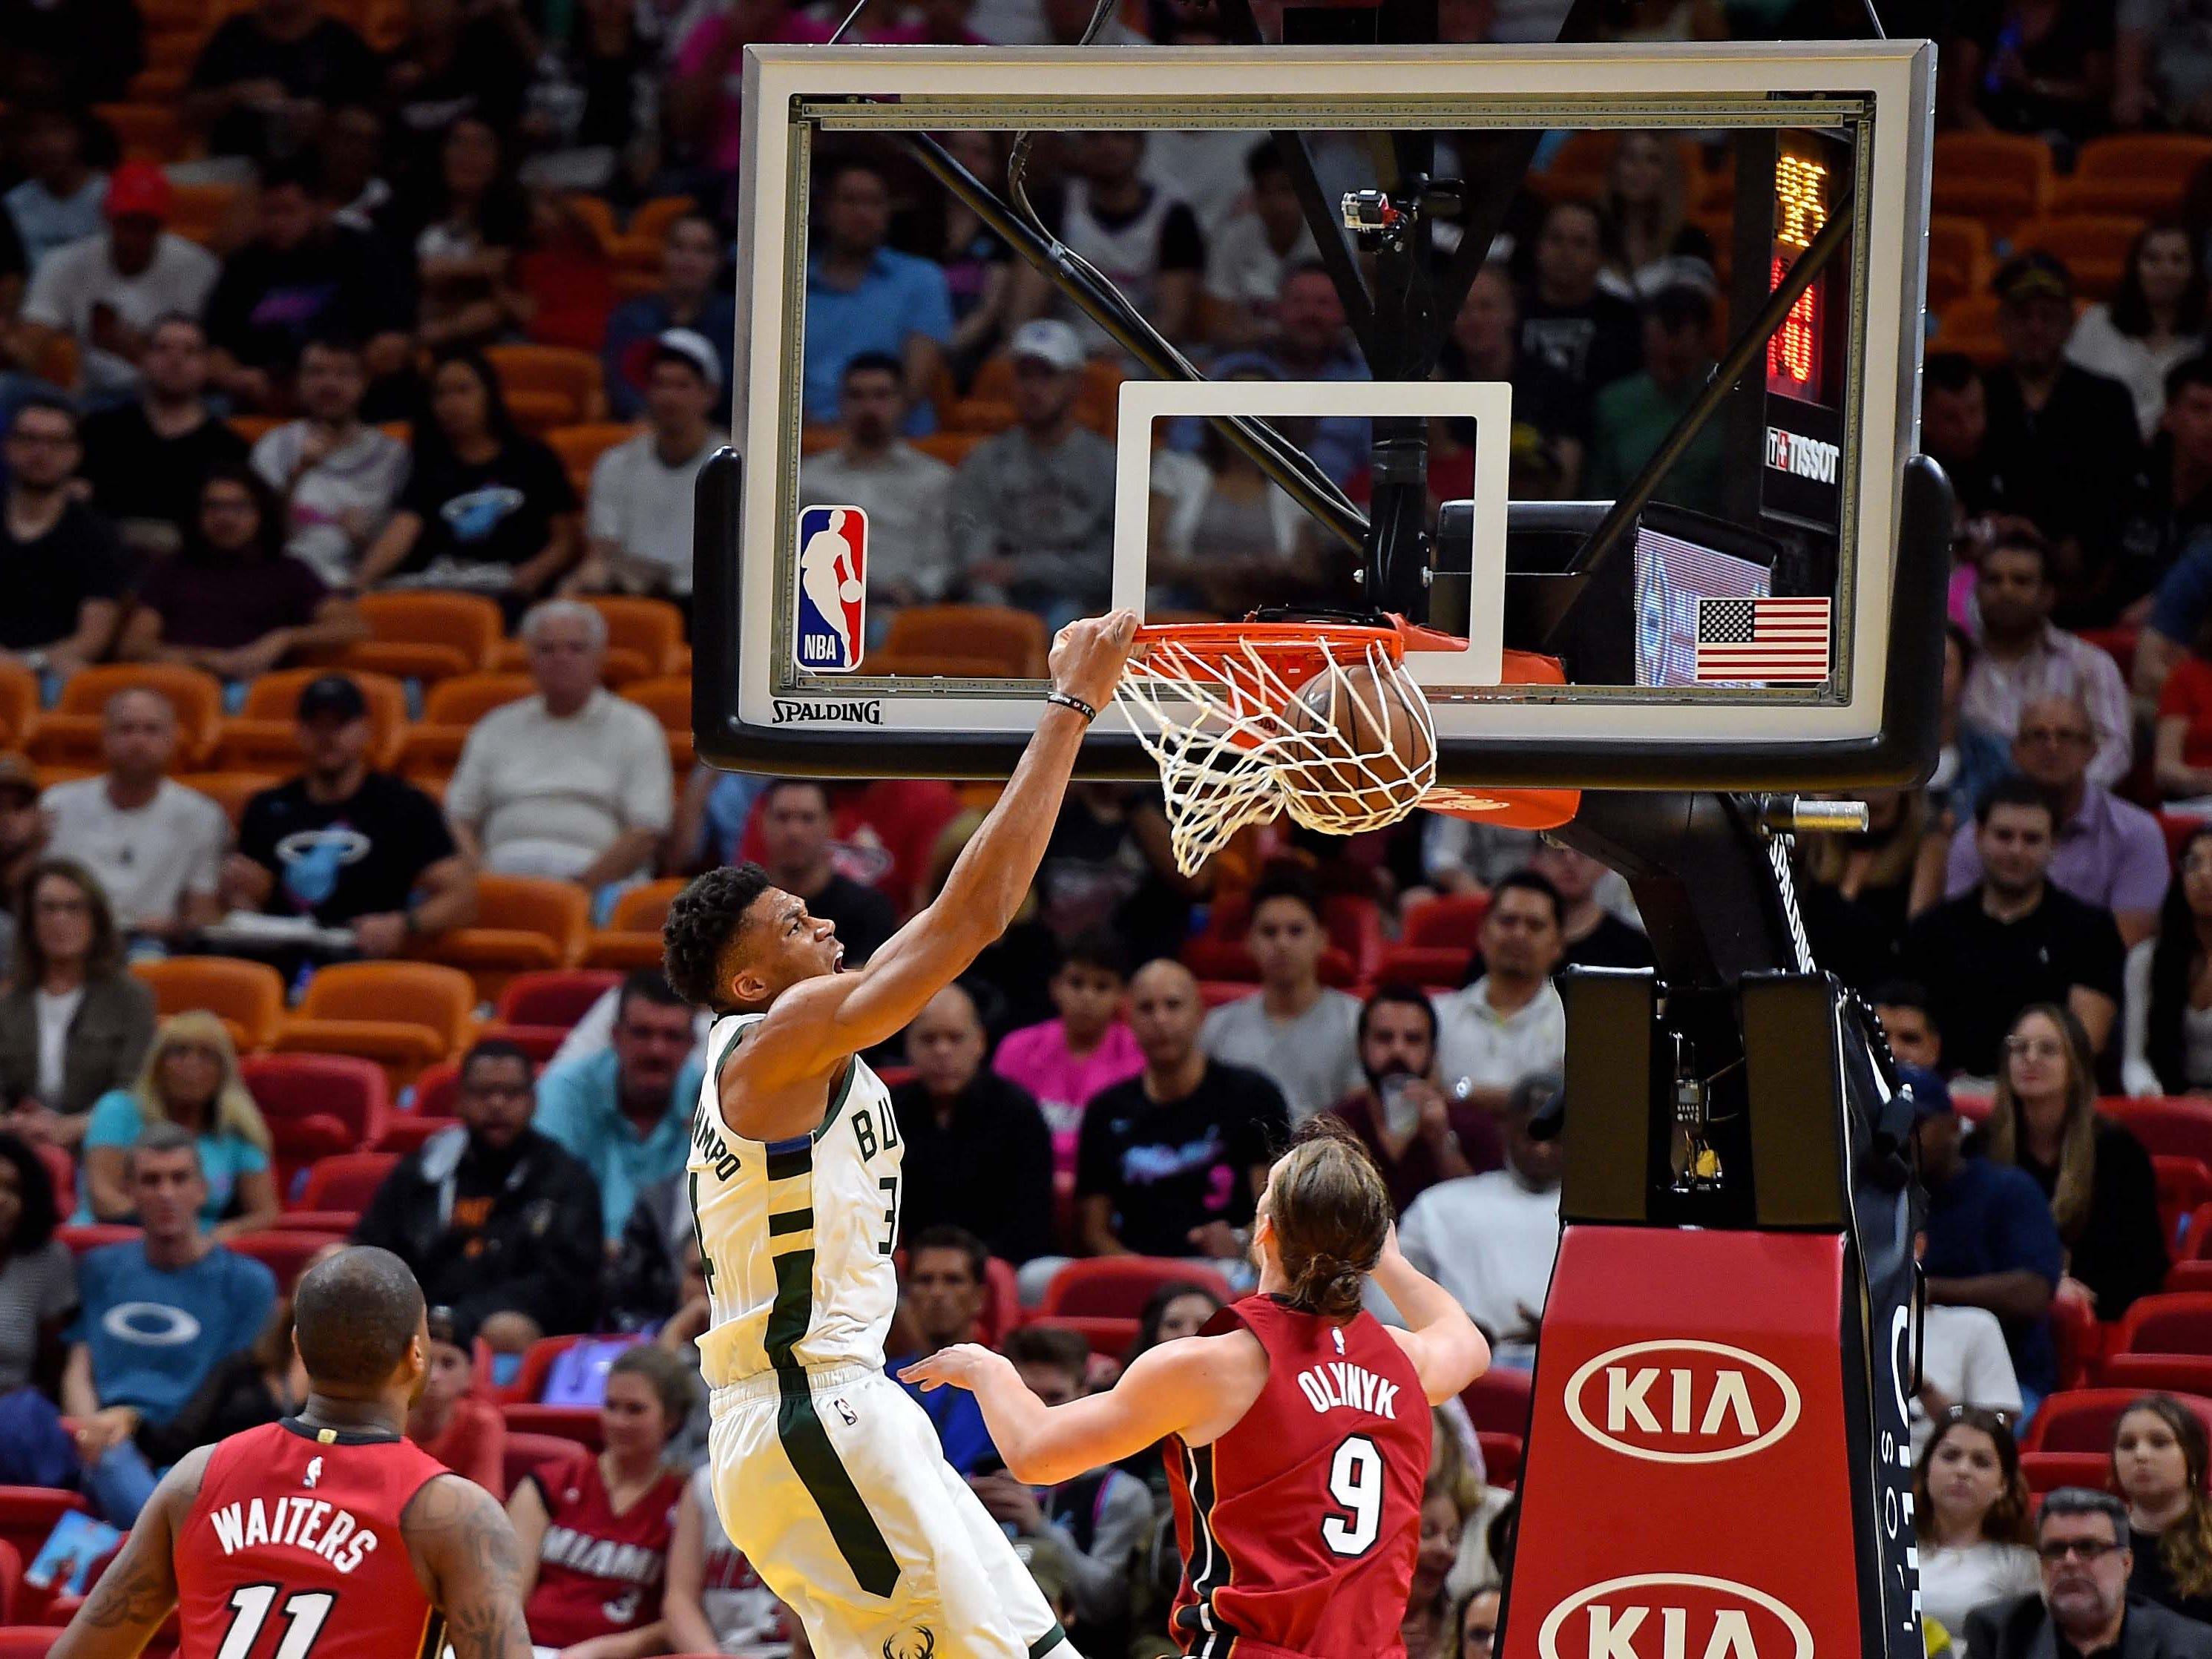 Bucks forward Giannis Antetokounmpo dunks in front of Miami Heat forward Kelly Olynyk.